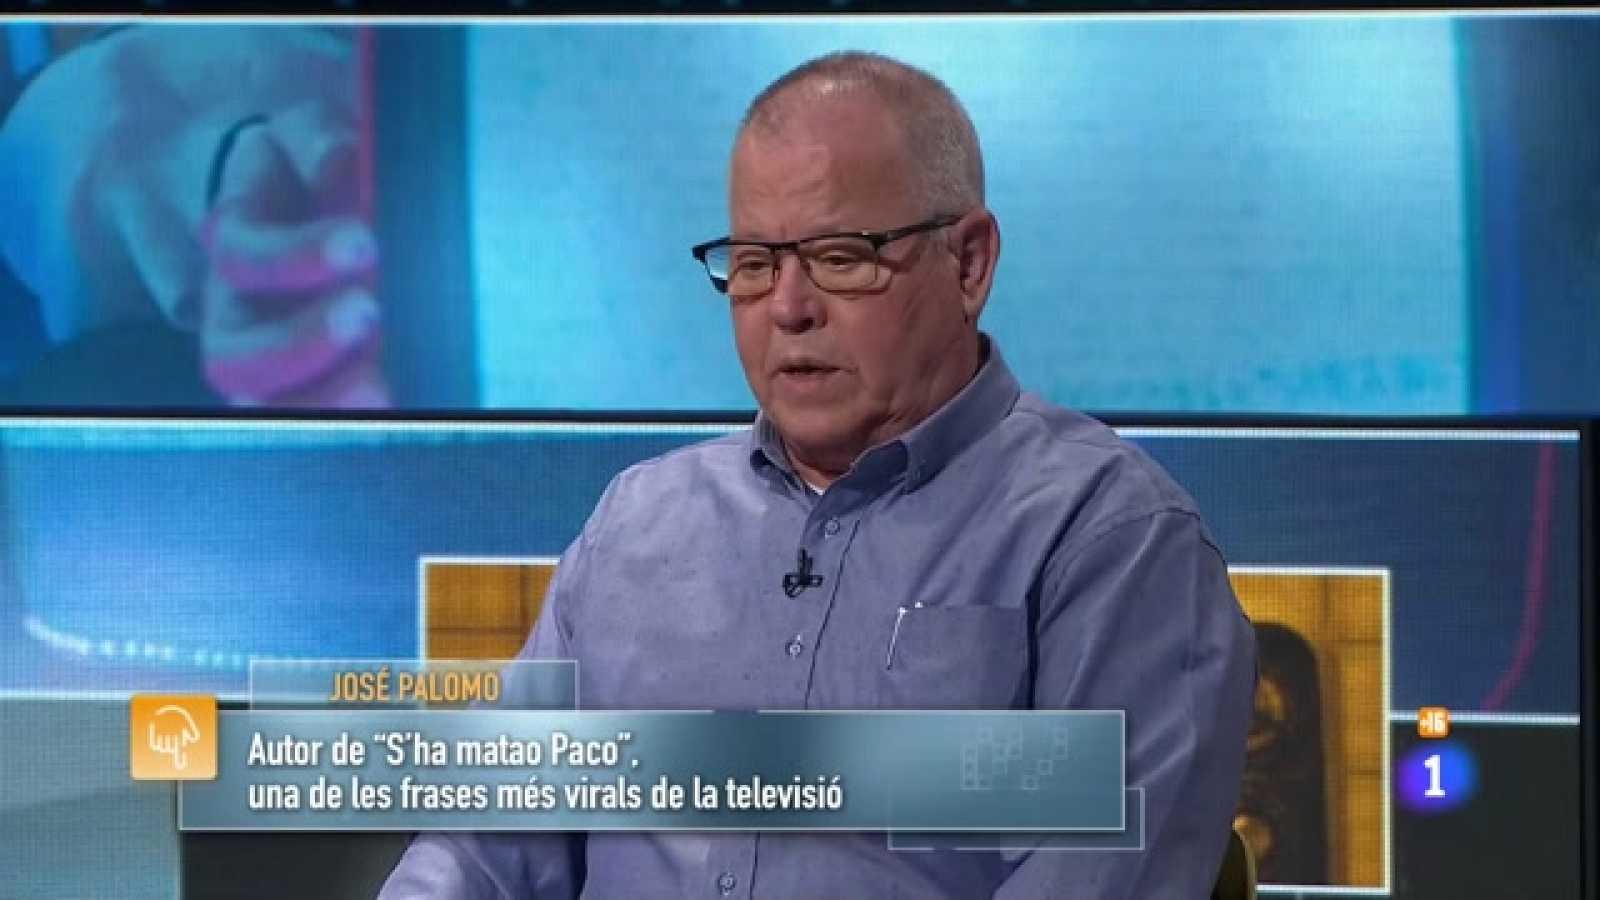 Obrim fil - La viralització a la tele: 's'ha matao Paco'